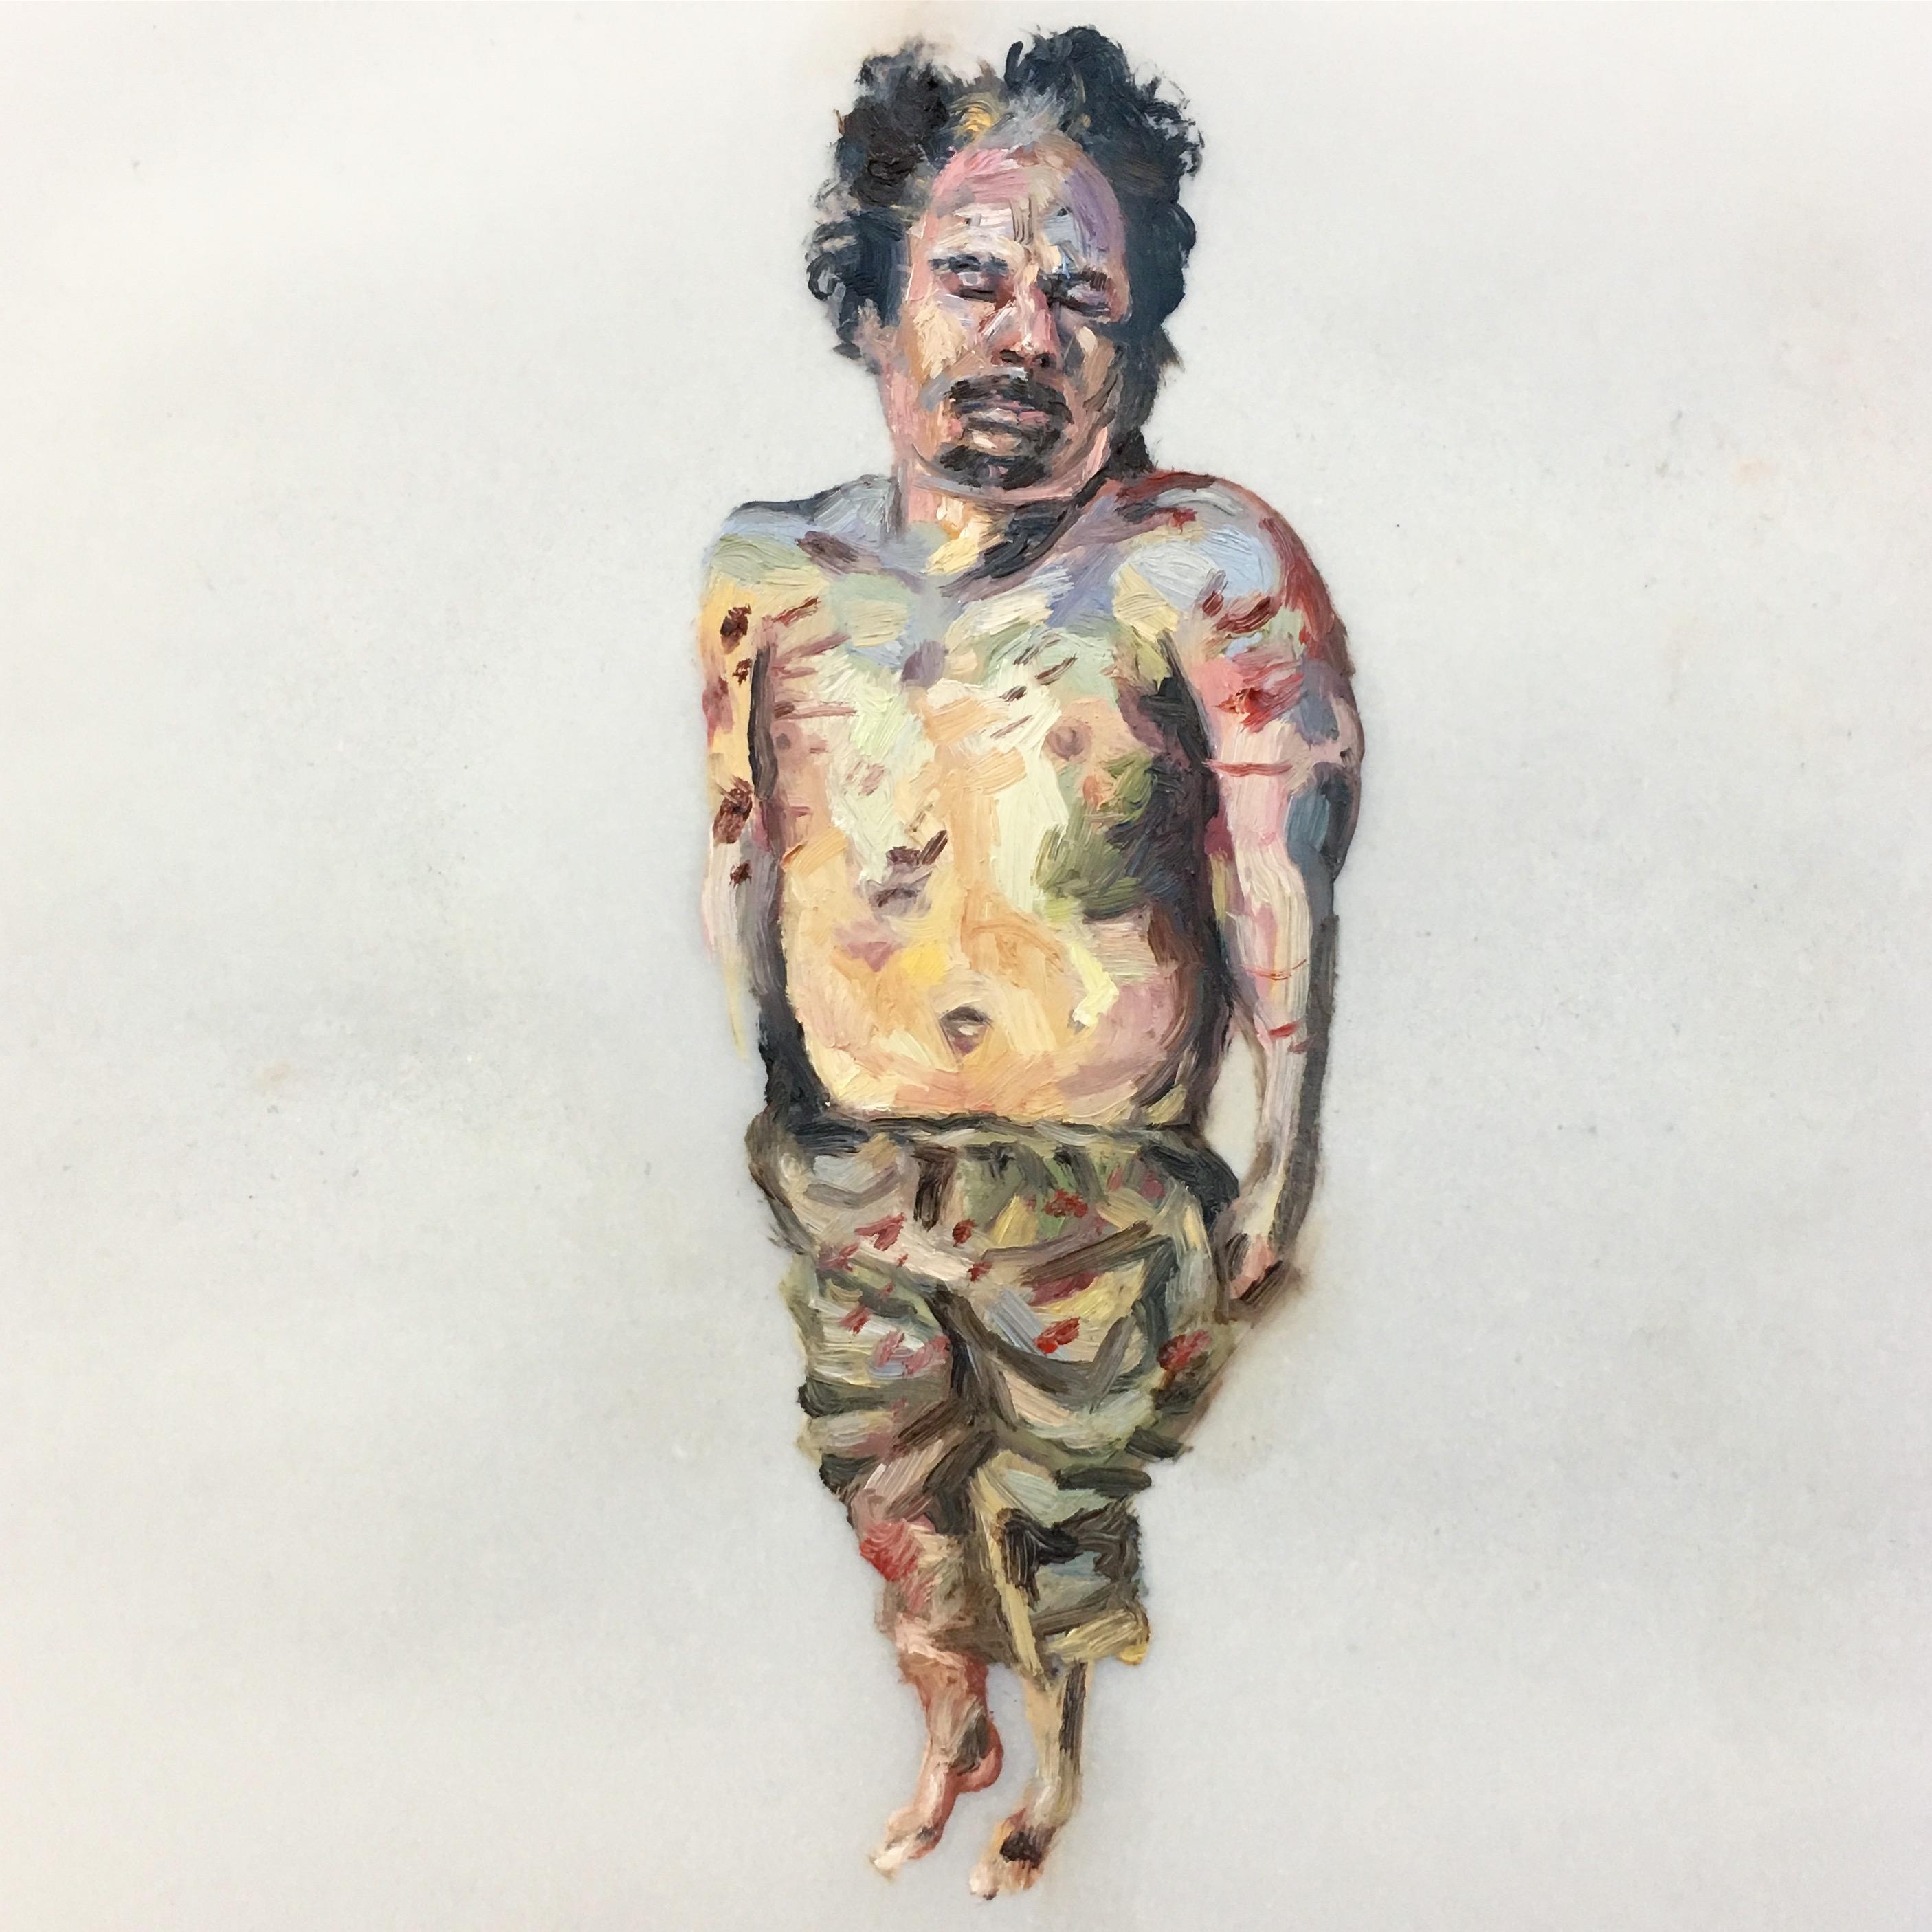 Forgotten Casualty: Gaddafi